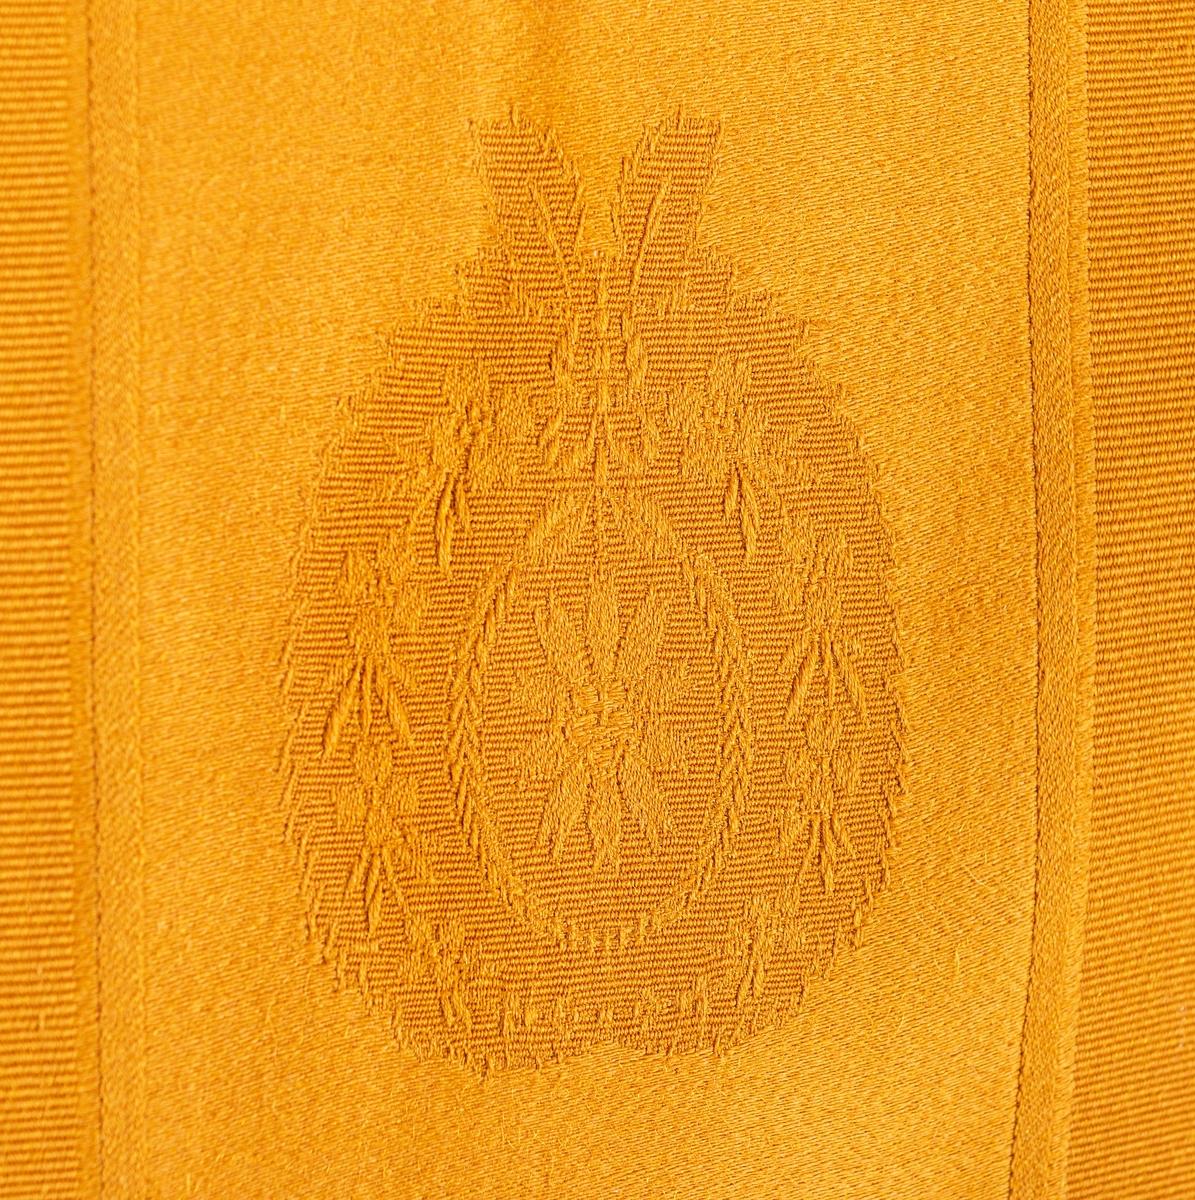 """Kat.kort: Soffa, fanérad i ek (?) Lackerad. Rak rektangulär med spjälor i rygg och gavlar. Godronerade knoppar. Sarg med pärlstavsbårder. Fyra runda nedåt avsmalnande ben fram, två dito bak (spår av ett tredje). Lös dyna klädd med gult damasttyg. Antecknat på omslagspapper: """"Tyg till Fasters lilla soffa o Taburetter"""".  Se bilagor till GM 27486ff"""